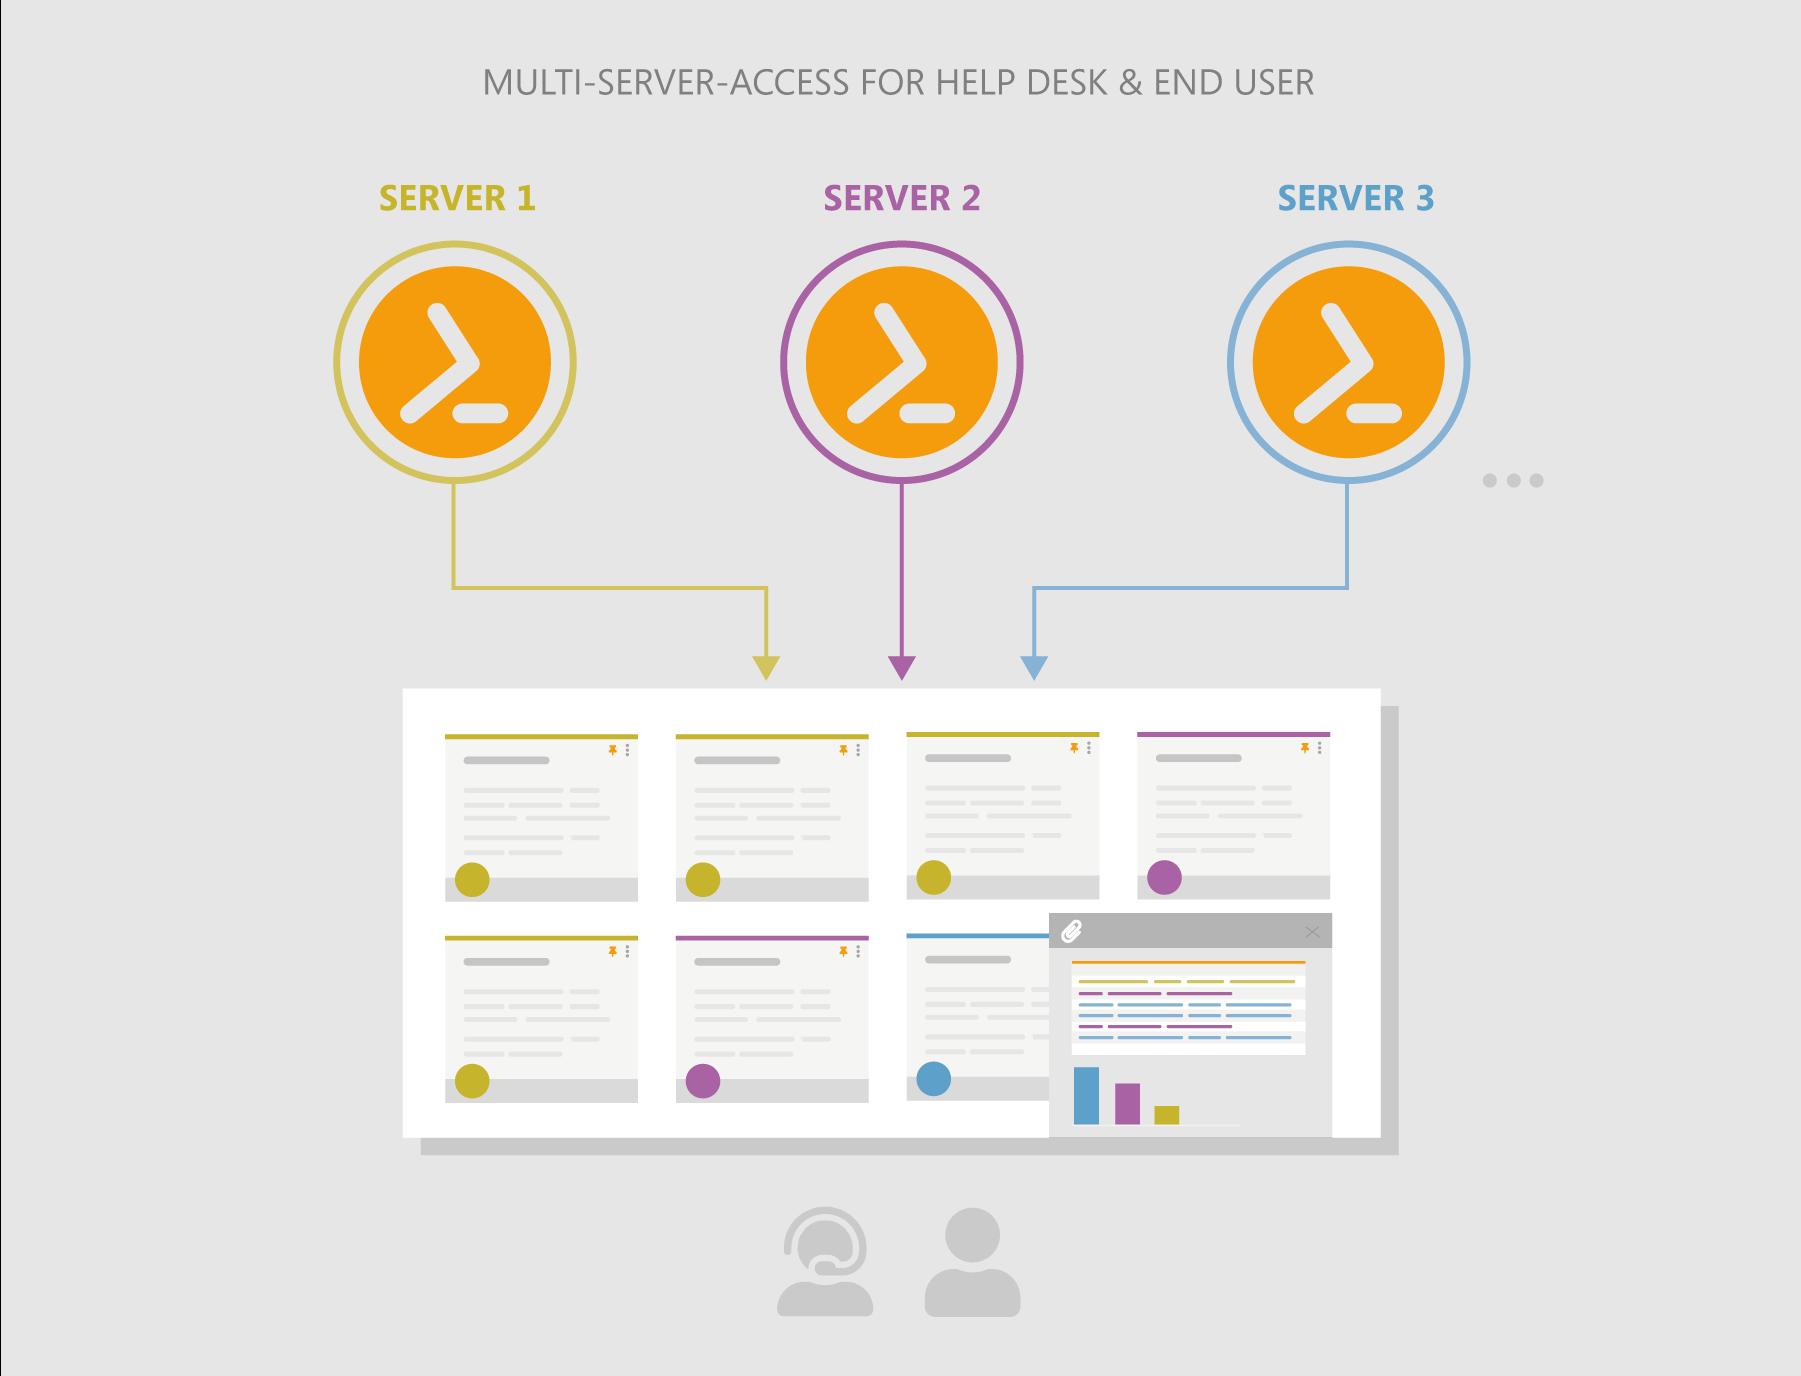 Functional principle of ScriptRunner Portal App Run for multi-server